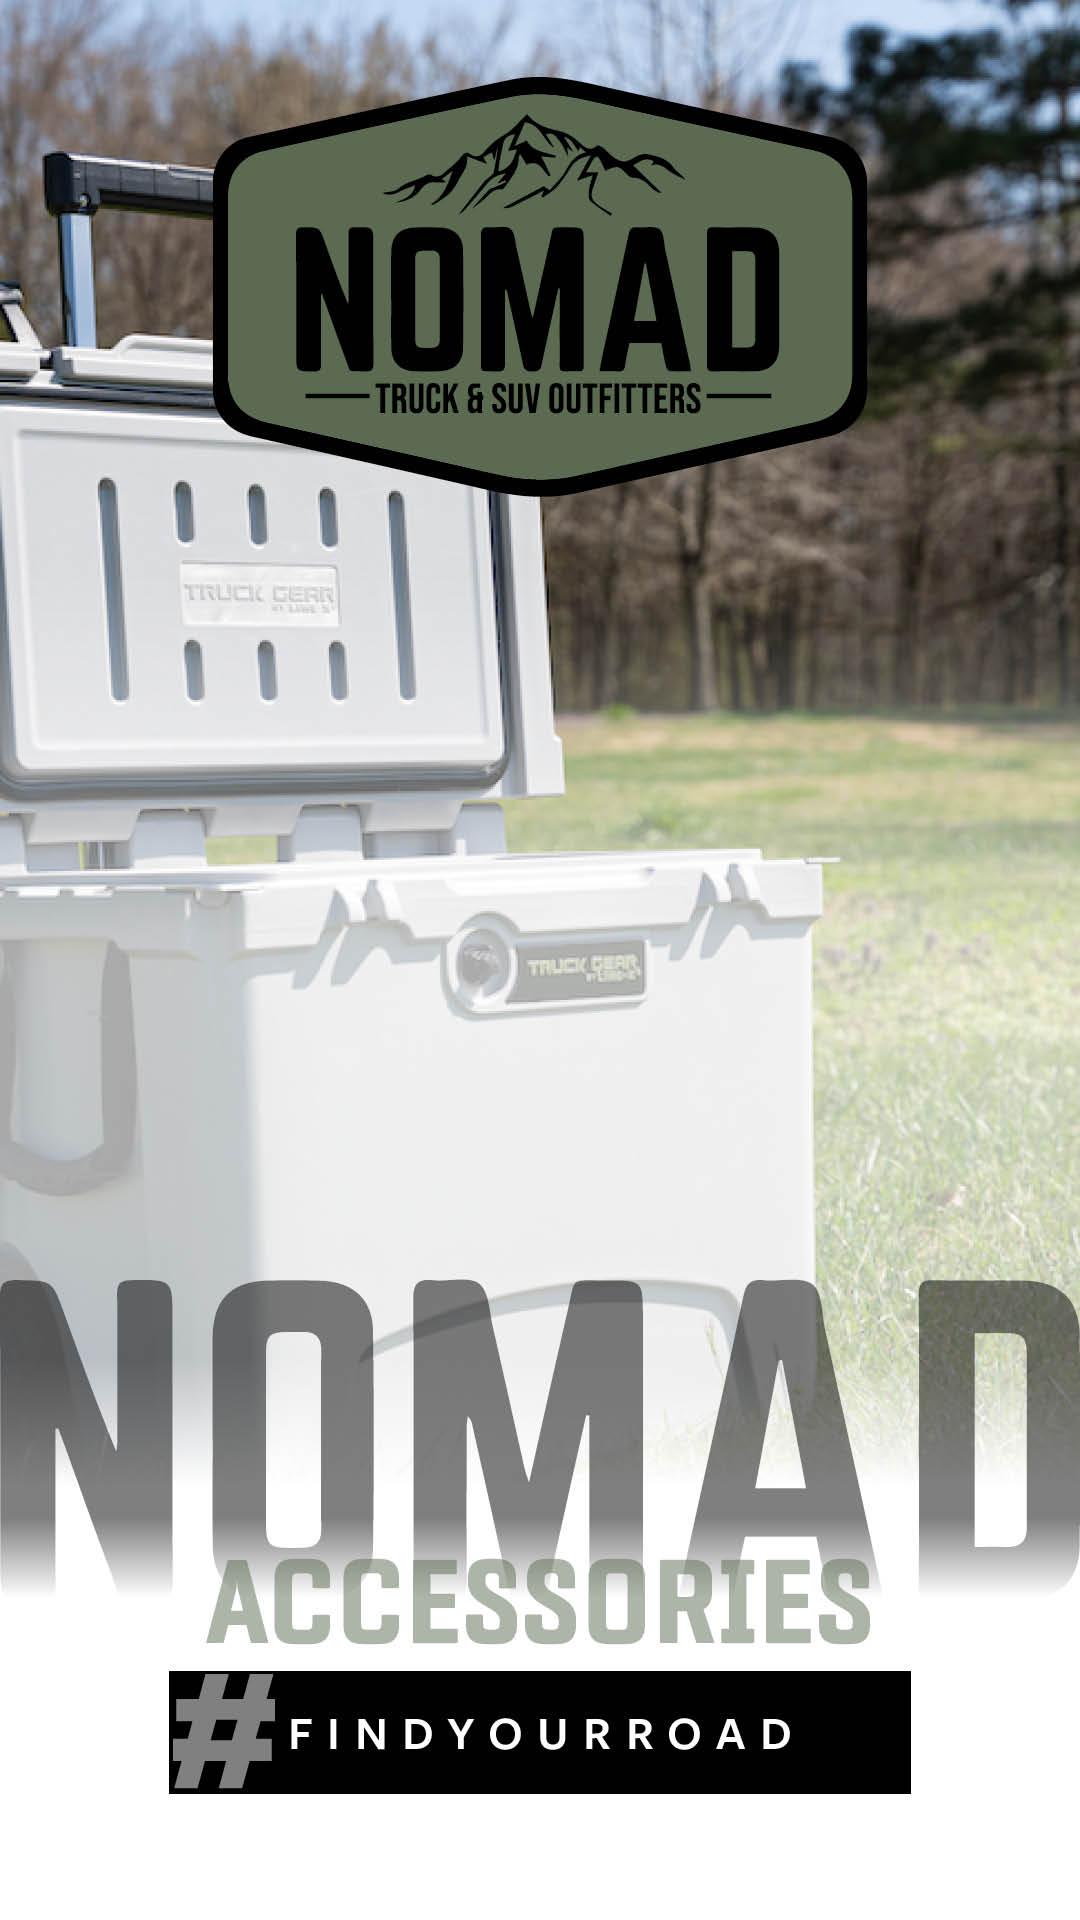 NOMAD_Accessories